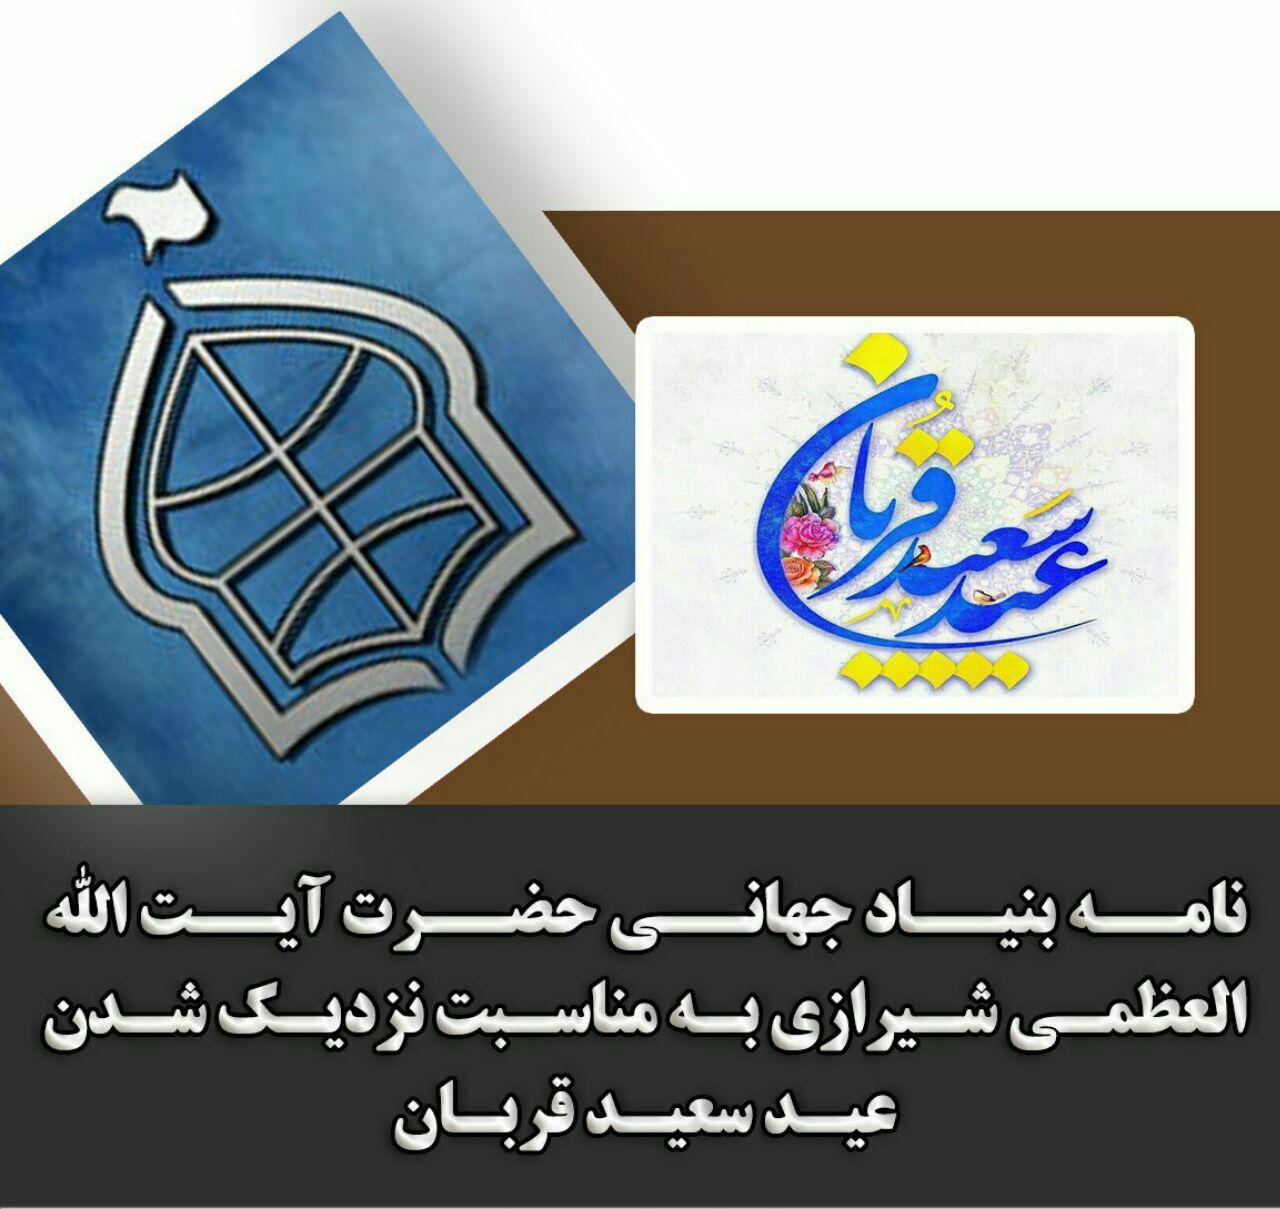 تصویر نامه بنیاد جهانی آیت الله العظمی شیرازی در آستانه عید سعید قربان